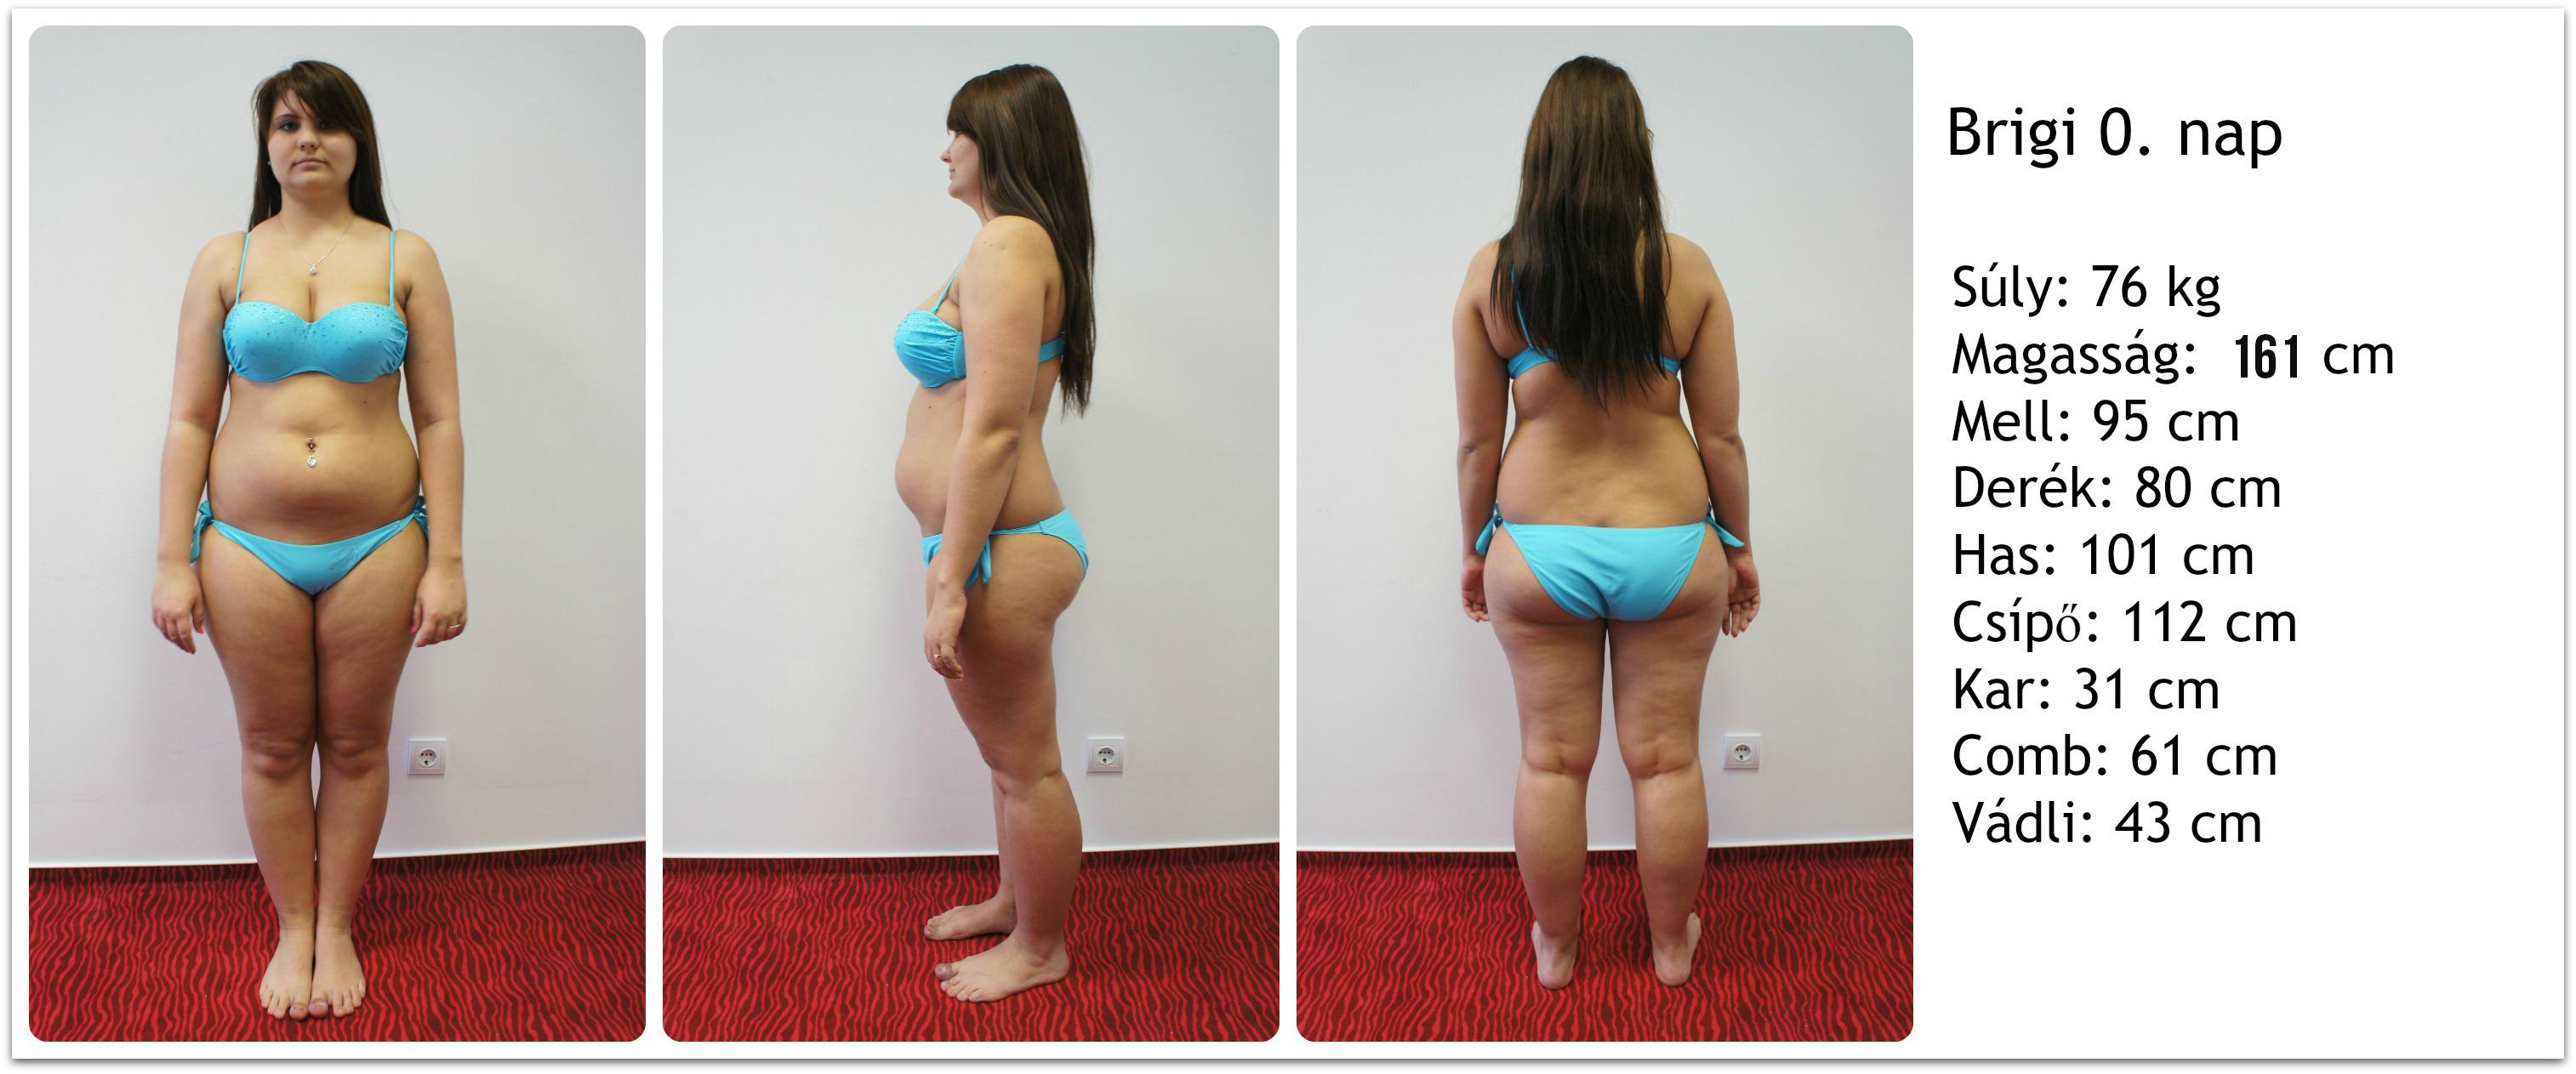 Renáta 32 kilót fogyott, 8 hónap alatt